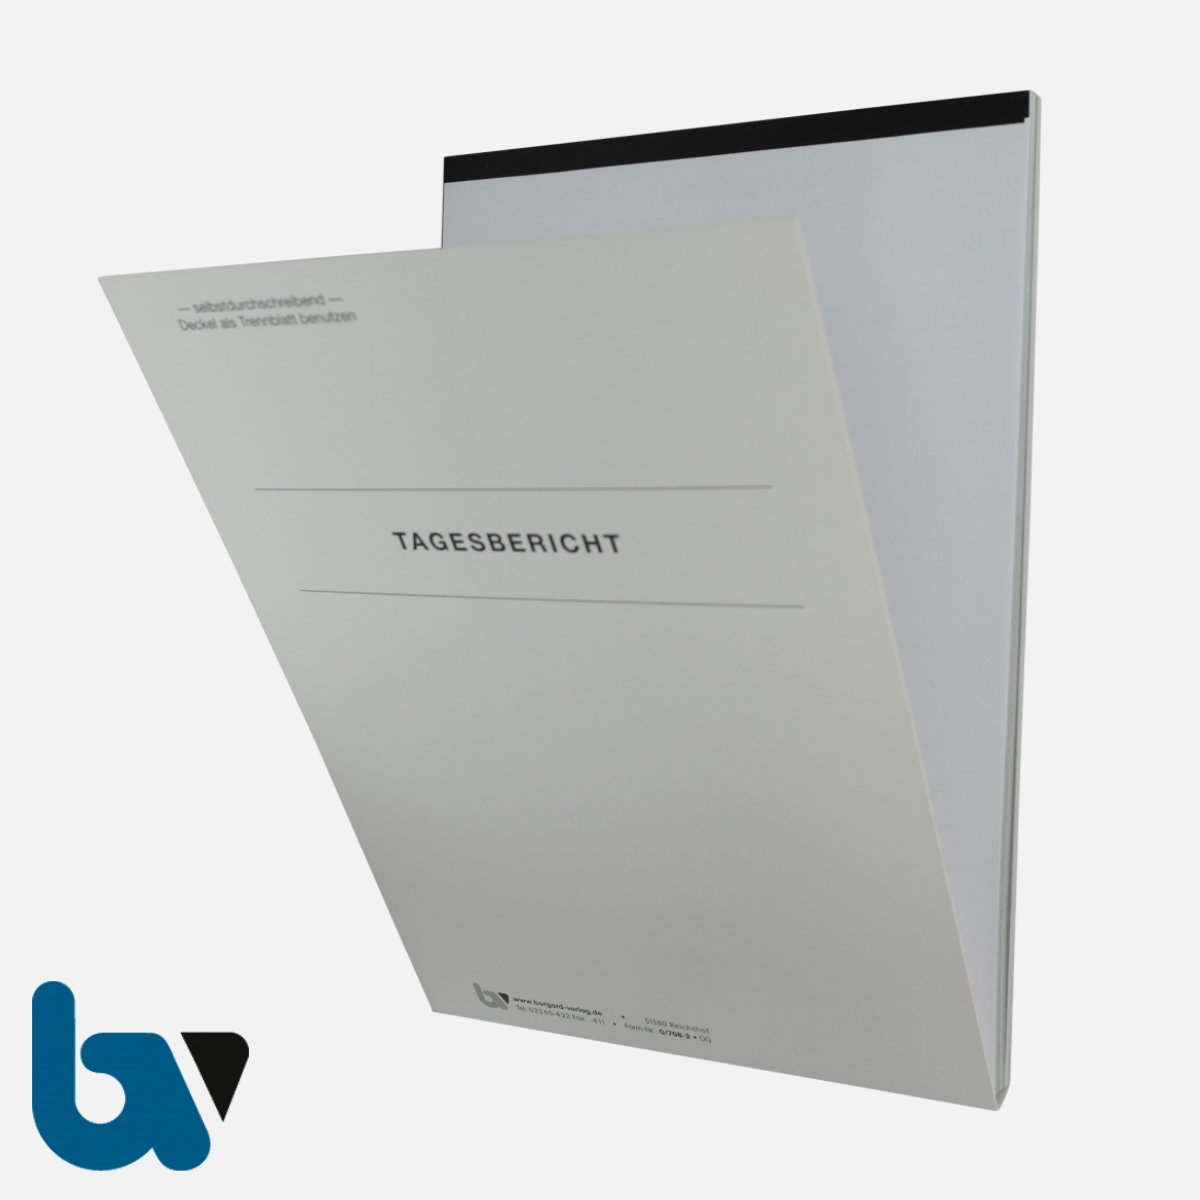 0/708-2 Tagesbericht Baustelle Arbeit Material Gerät selbstdurchschreibend Einschlagdeckel Durchschreibeschutz Schreibschutzdeckel perforiert DIN A4 Vorderseite | Borgard Verlag GmbH